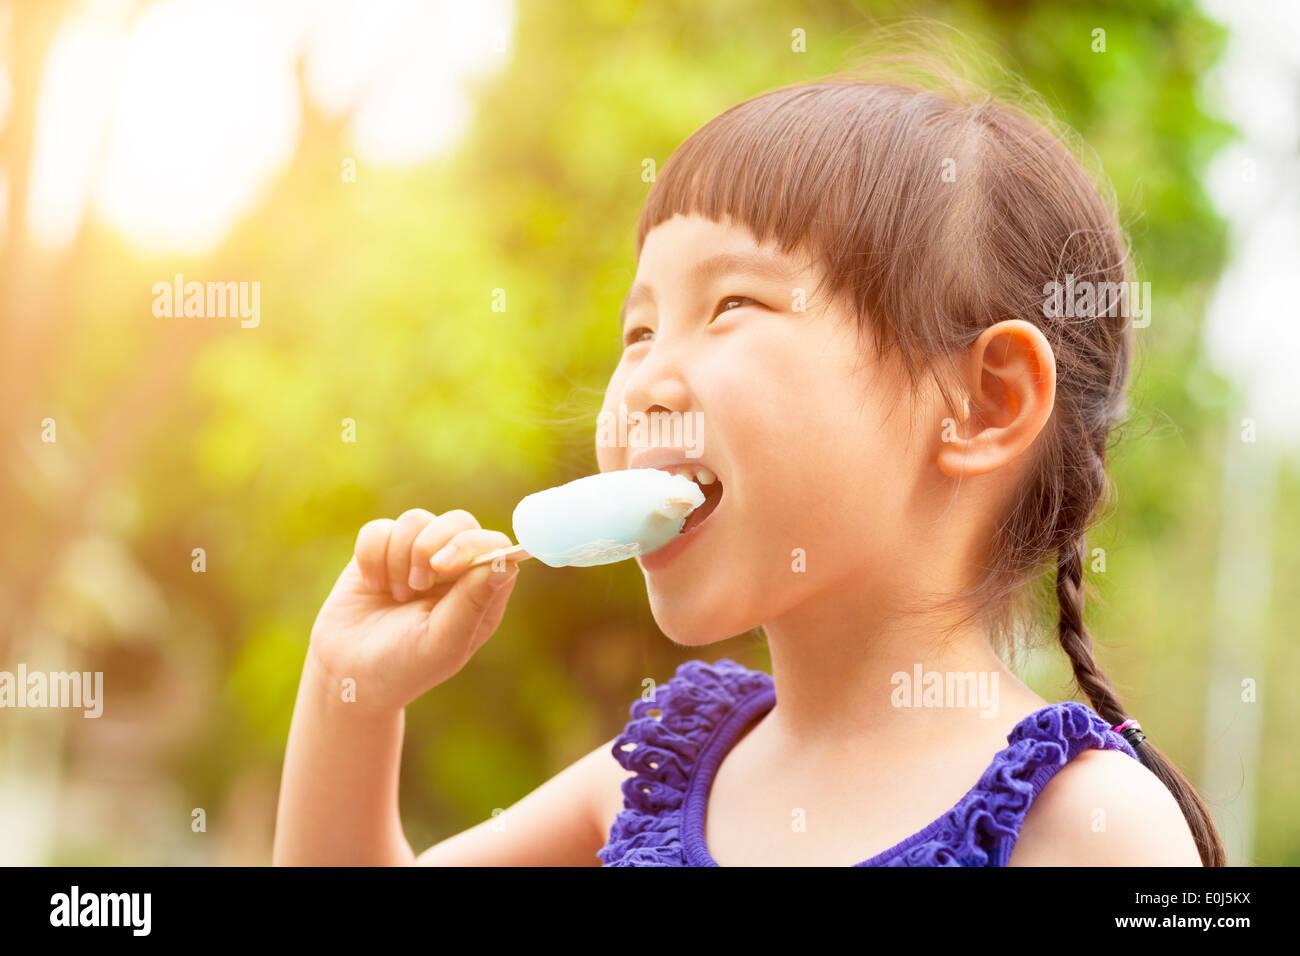 Feliz niña comer helado en verano con puesta de sol Foto de stock